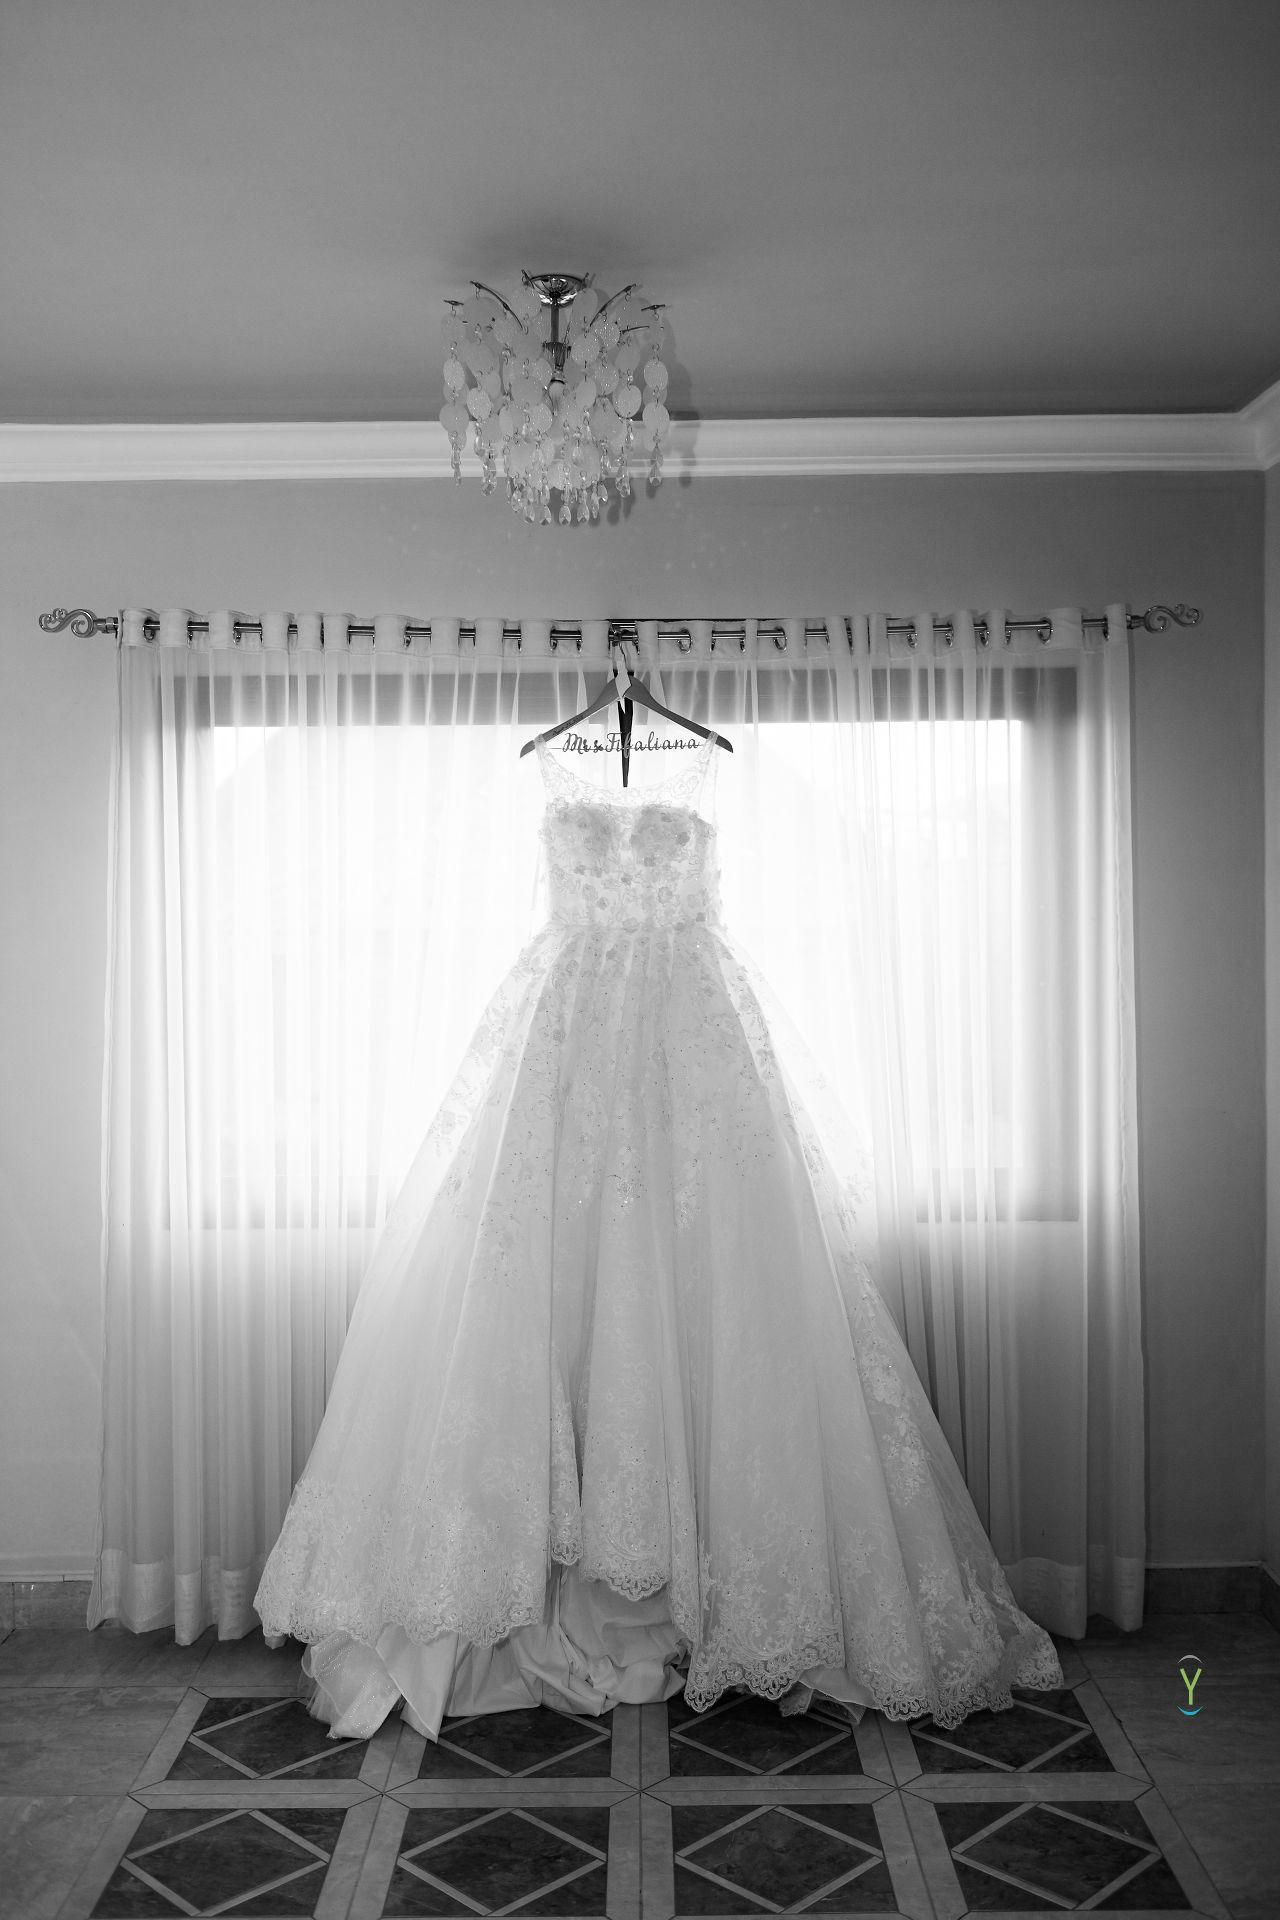 0013_Mariage_Daniel_Fifaliana_18-08-25 7 clichés importants durant les préparatifs de la mariée